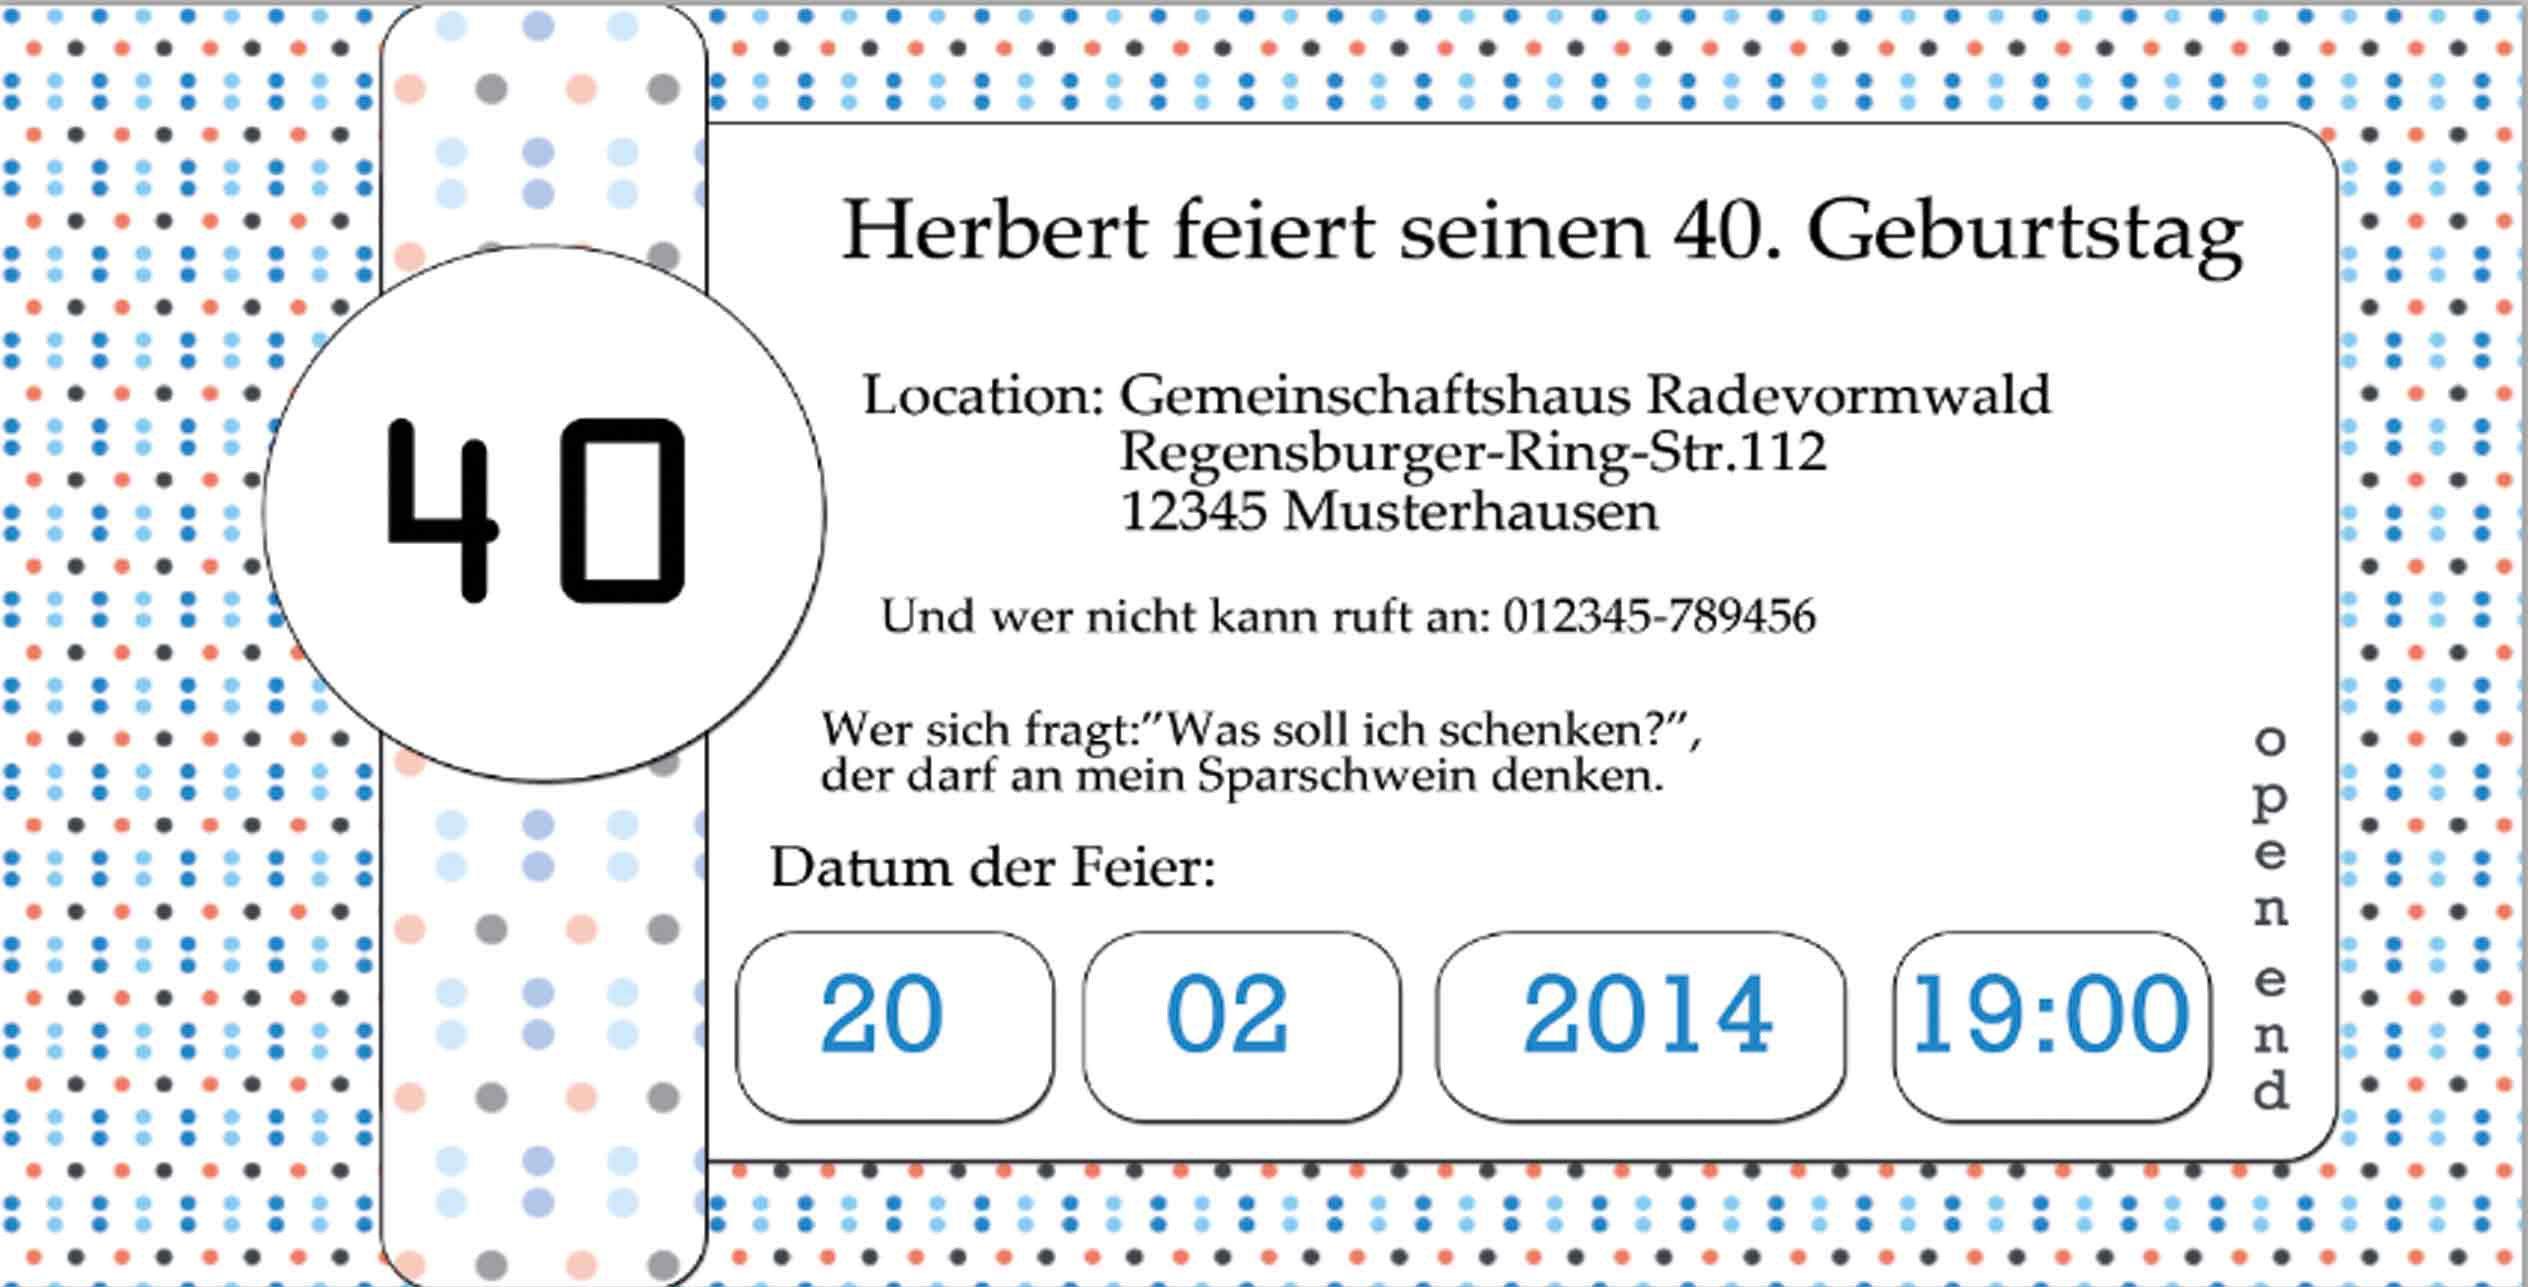 einladung geburtstag : einladung zum 40 geburtstag - geburstag, Einladung